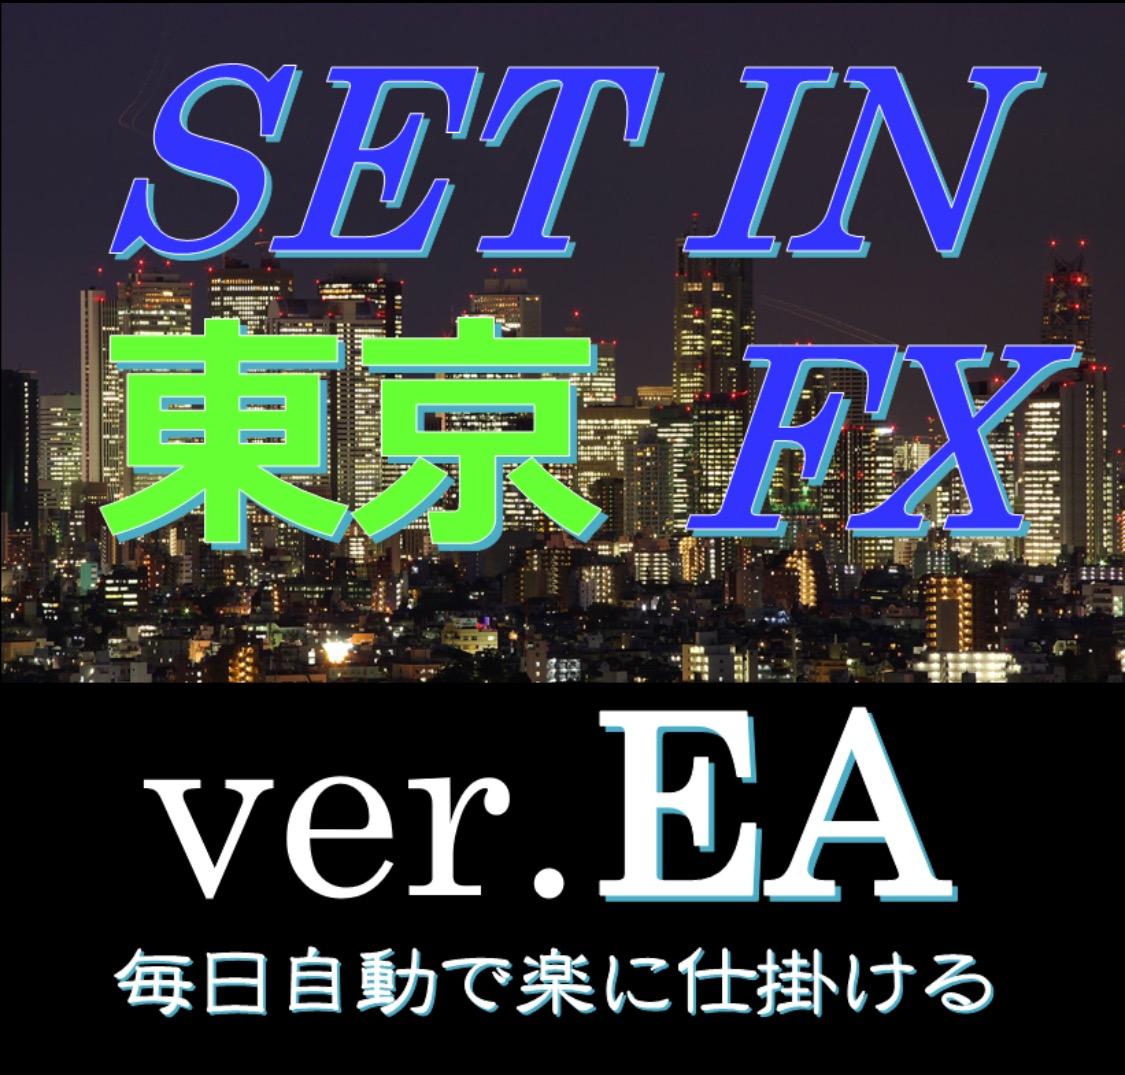 ドル円 裁量不要のロジック(SET IN TOKYO FX) 仕掛け用EA版